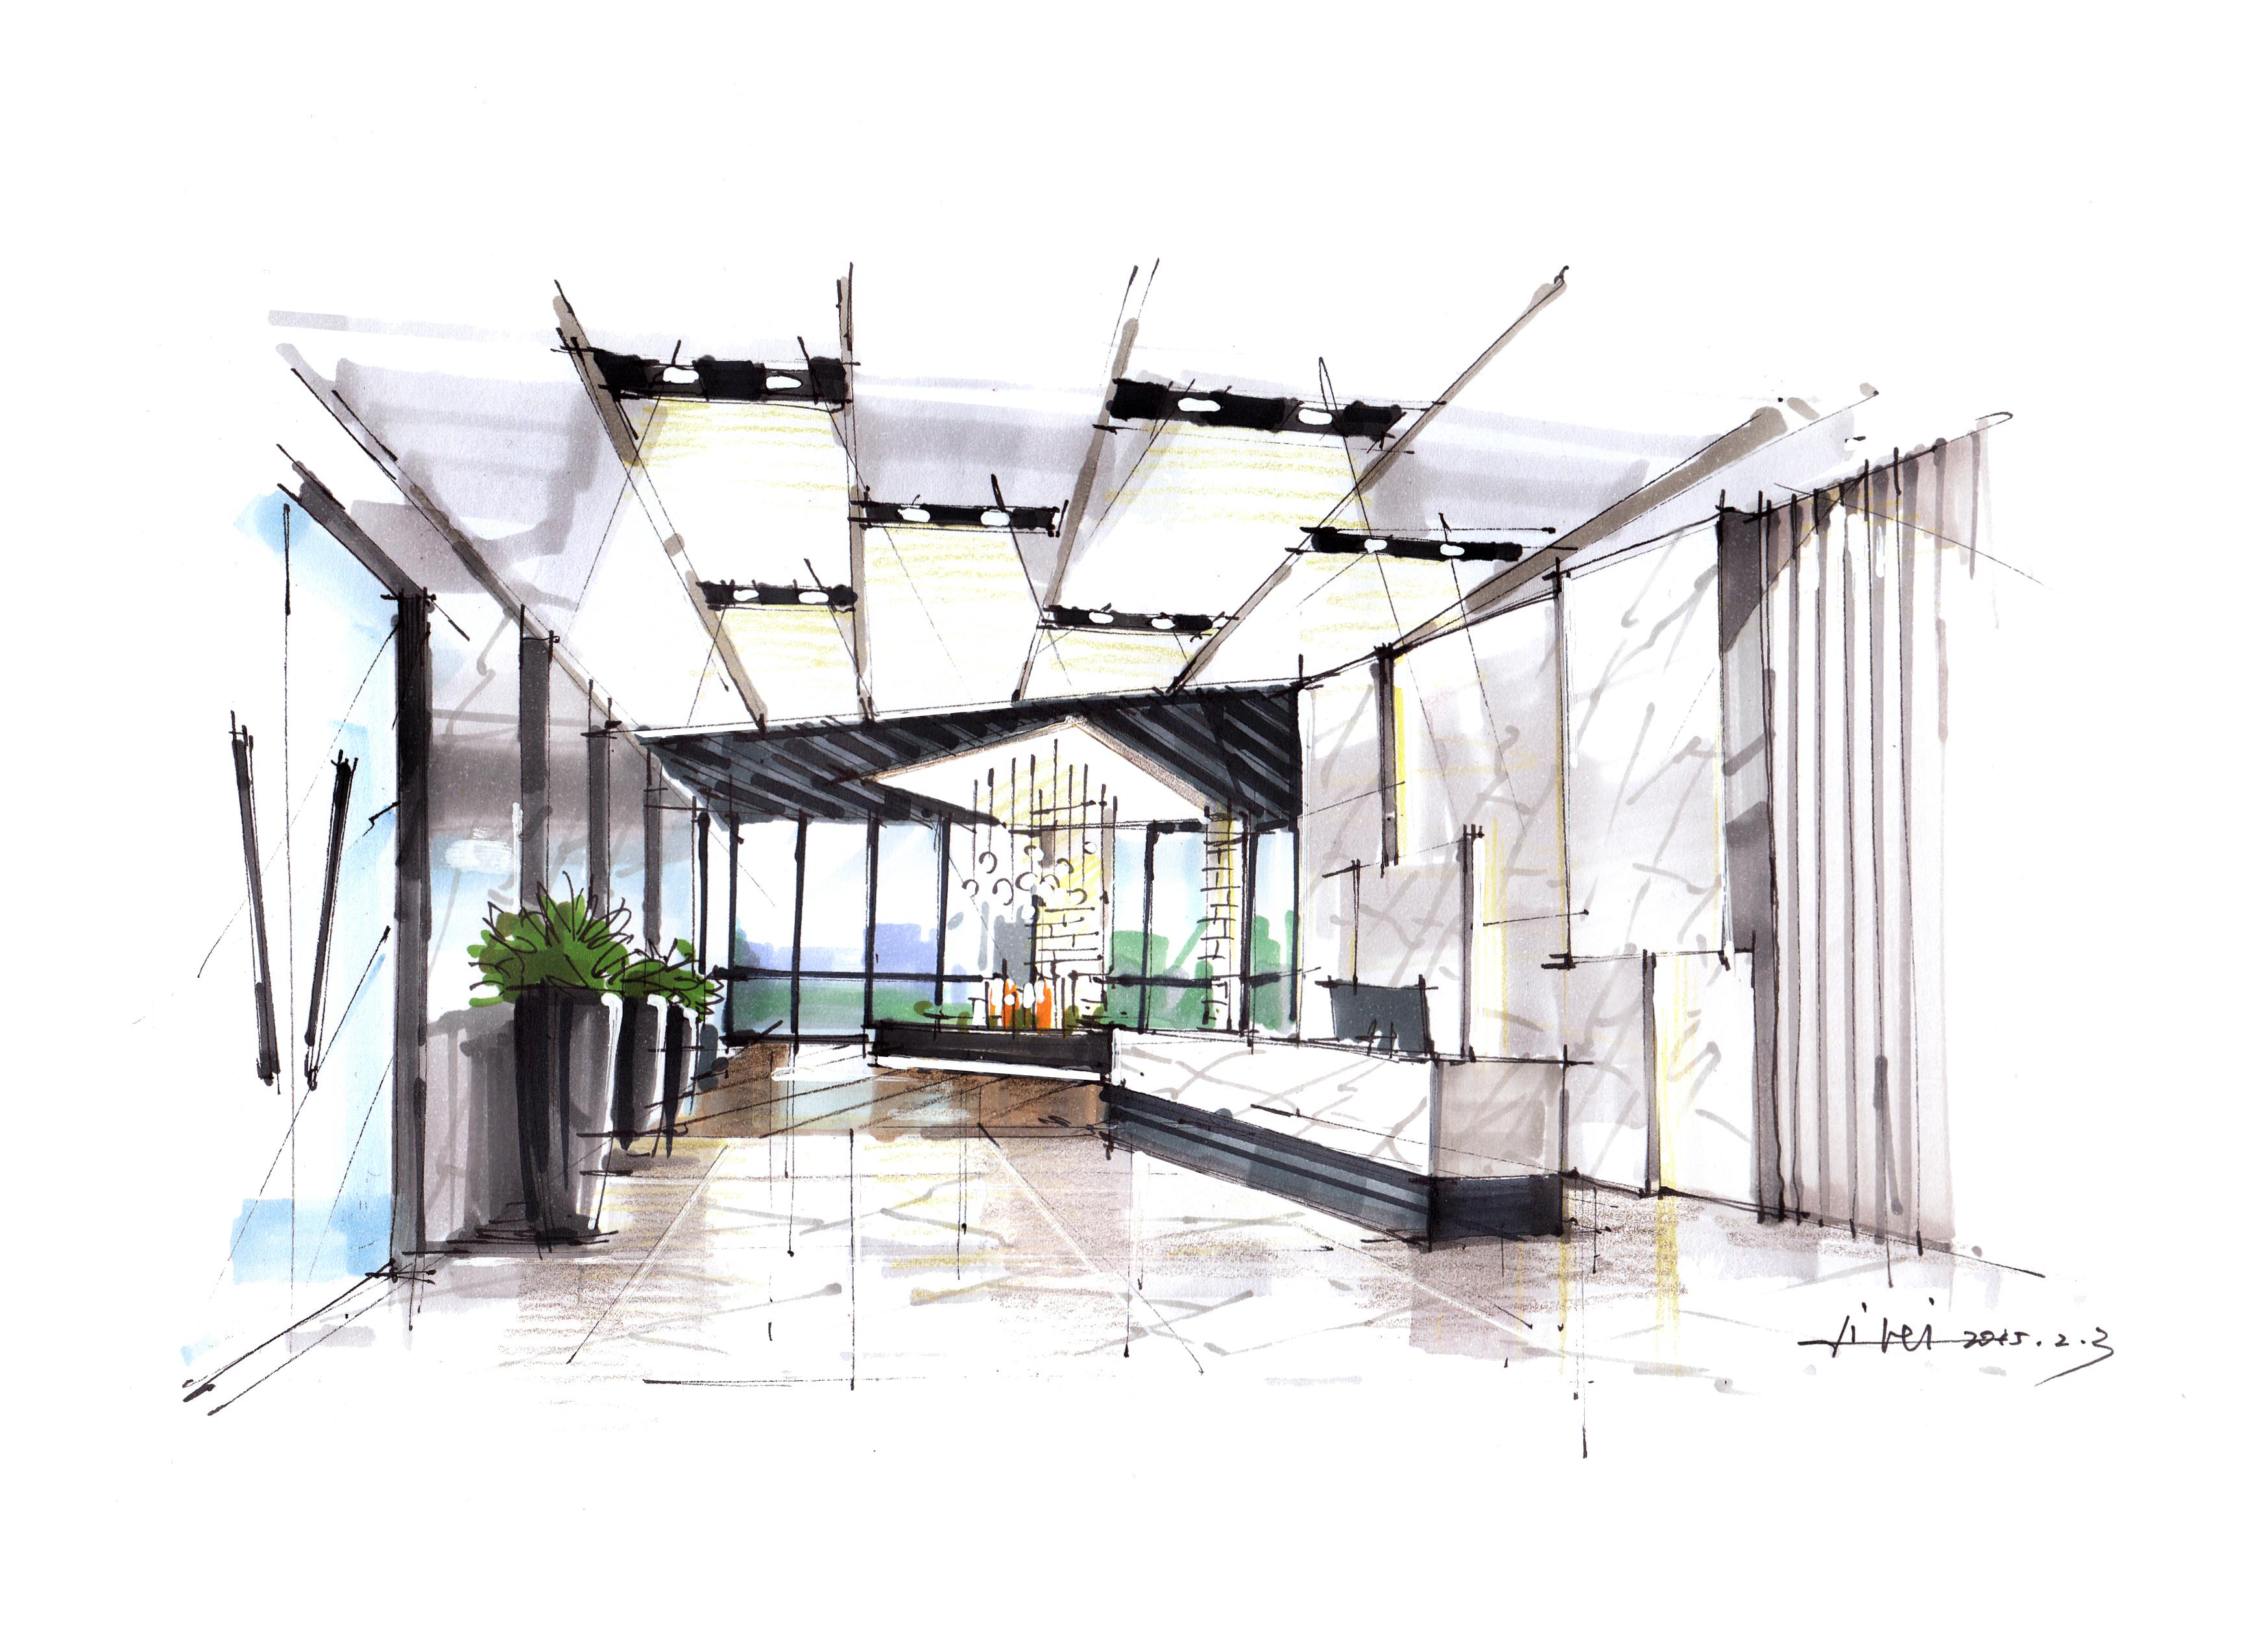 几张空间效果图|空间|室内设计|李磊的手绘艺术